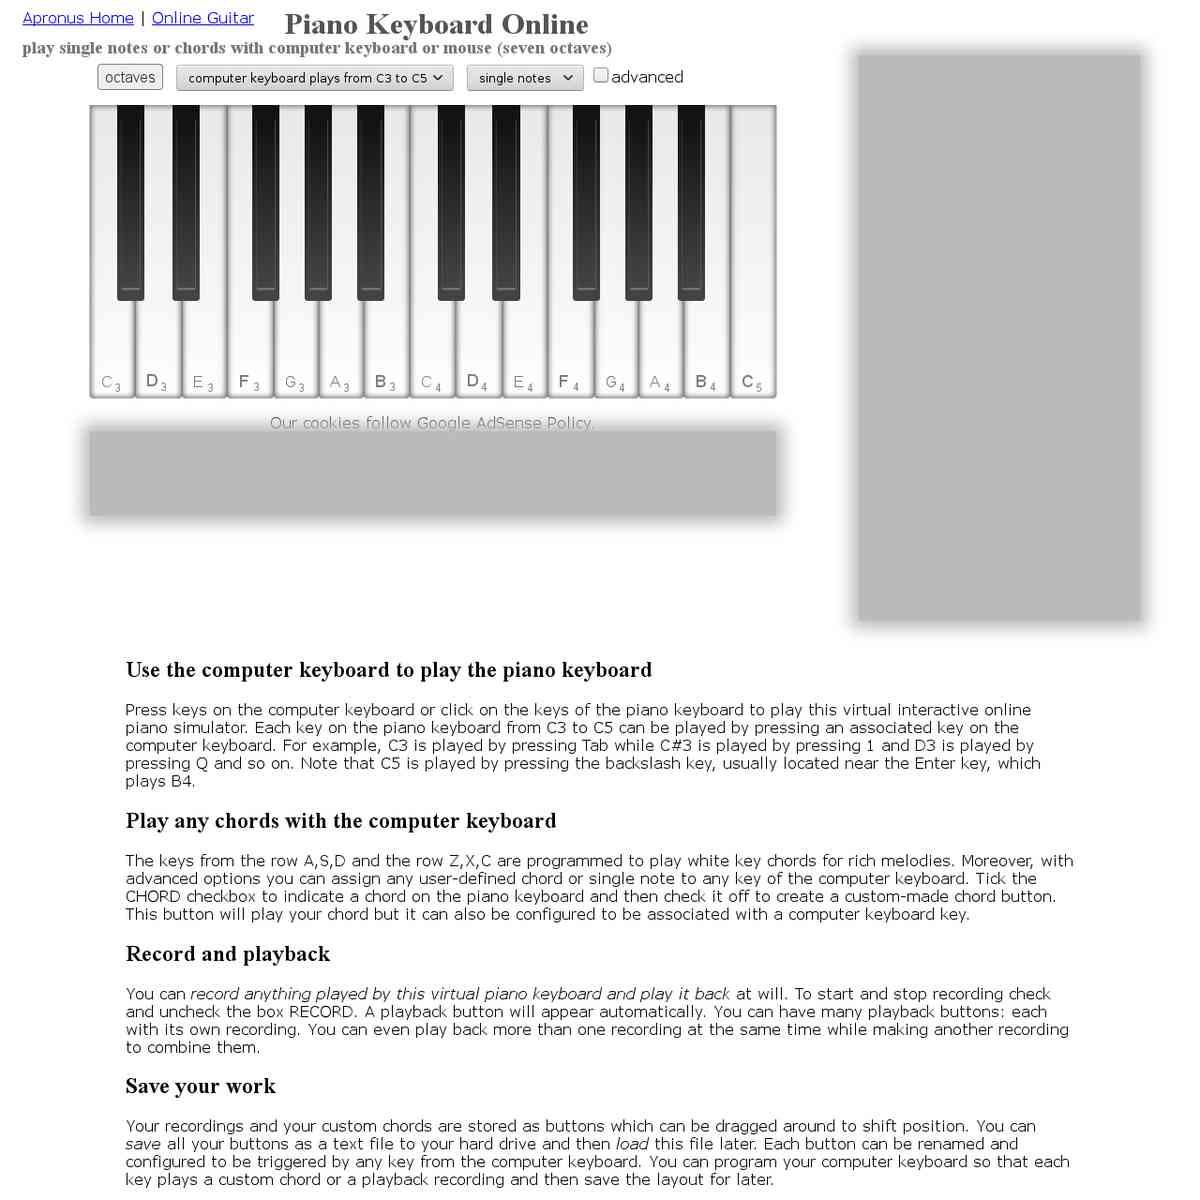 apronus.com/music/flashpiano.htm